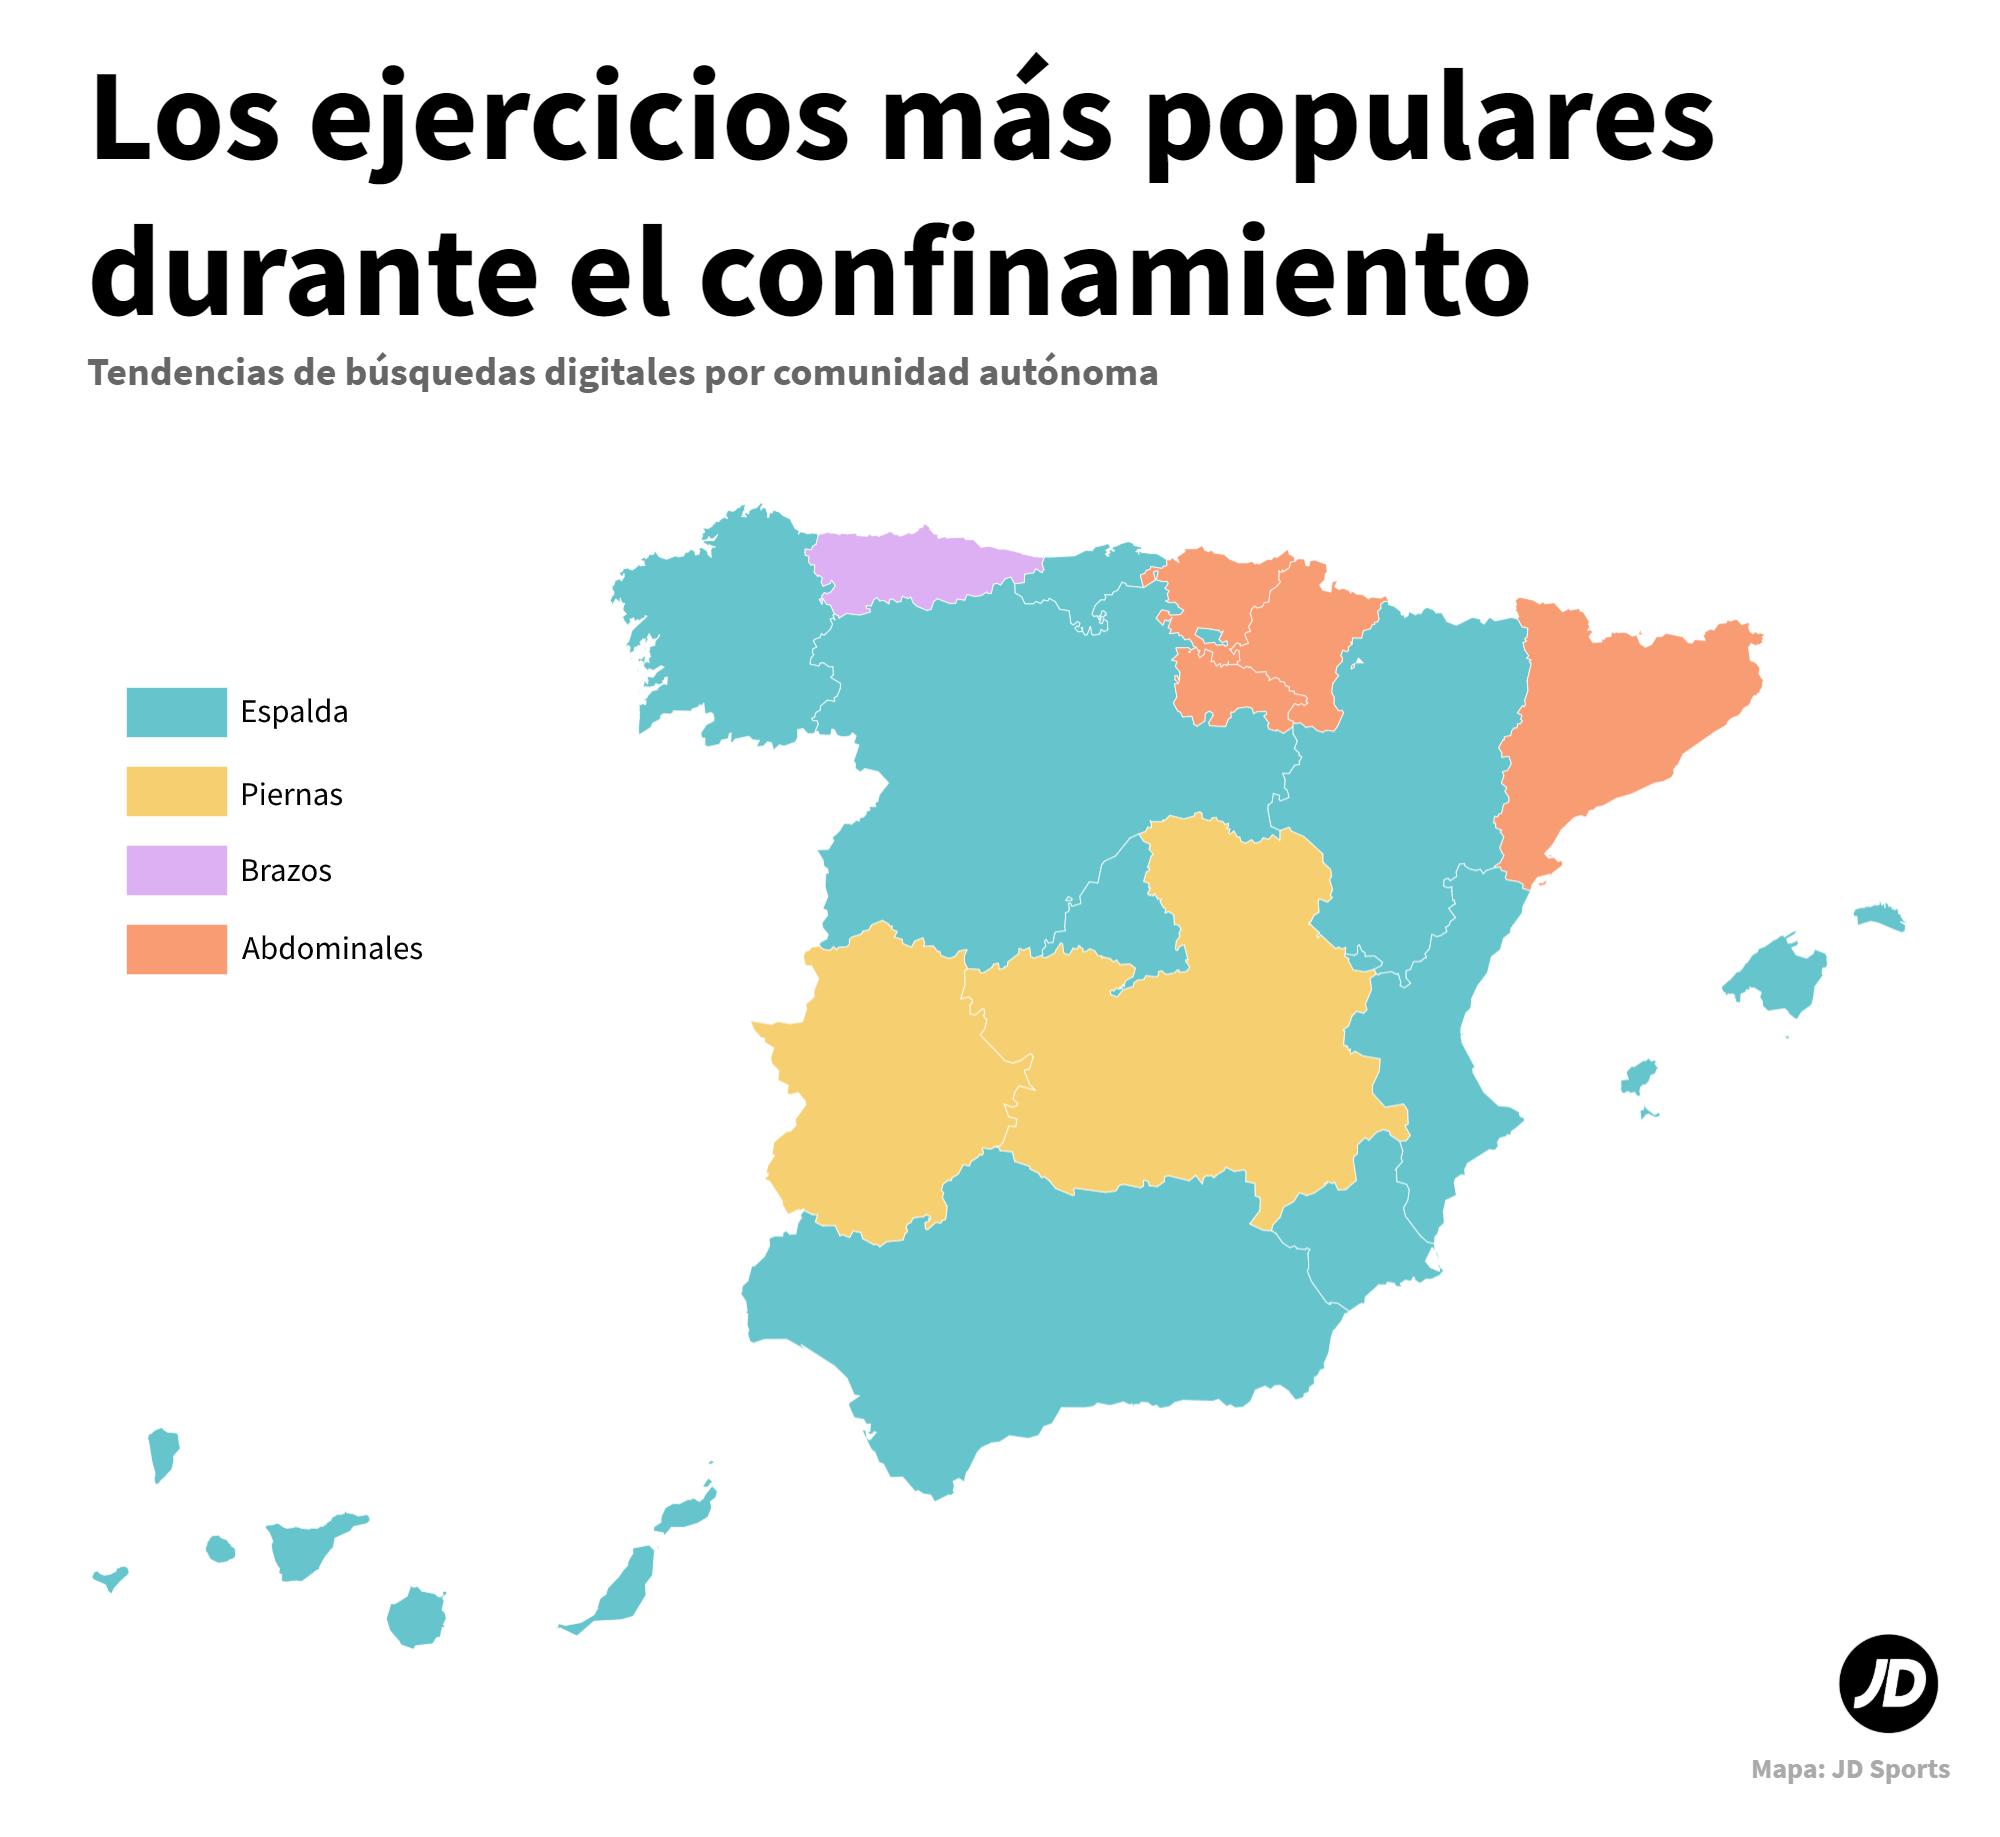 Las Regiones De España Más Deportistas Durante El Confinamiento Jd Blog